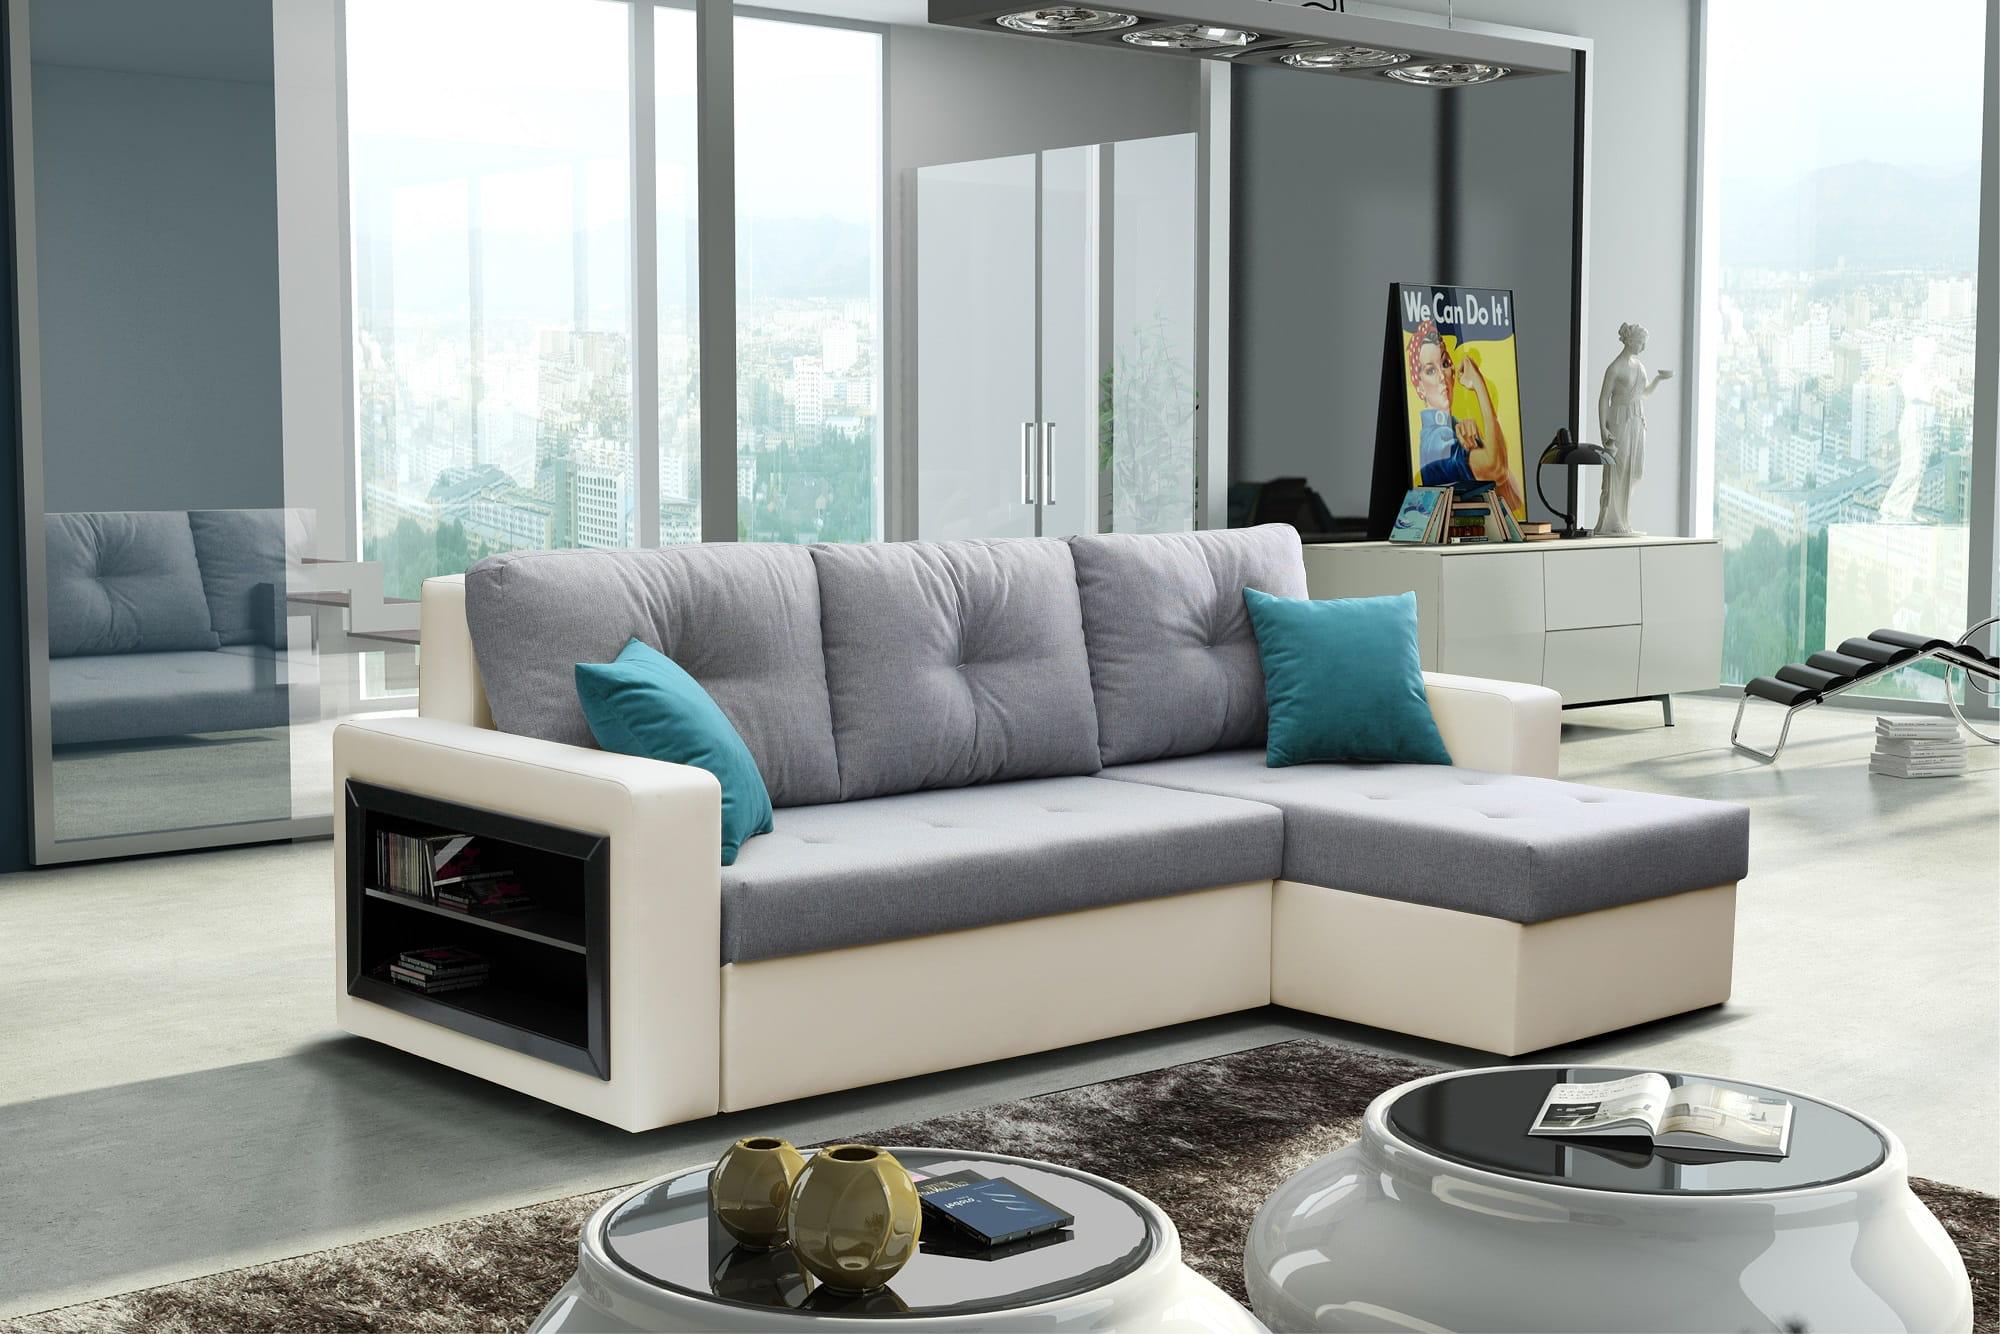 wohnlandschaft forte deine moebel 24 einfach einrichten. Black Bedroom Furniture Sets. Home Design Ideas